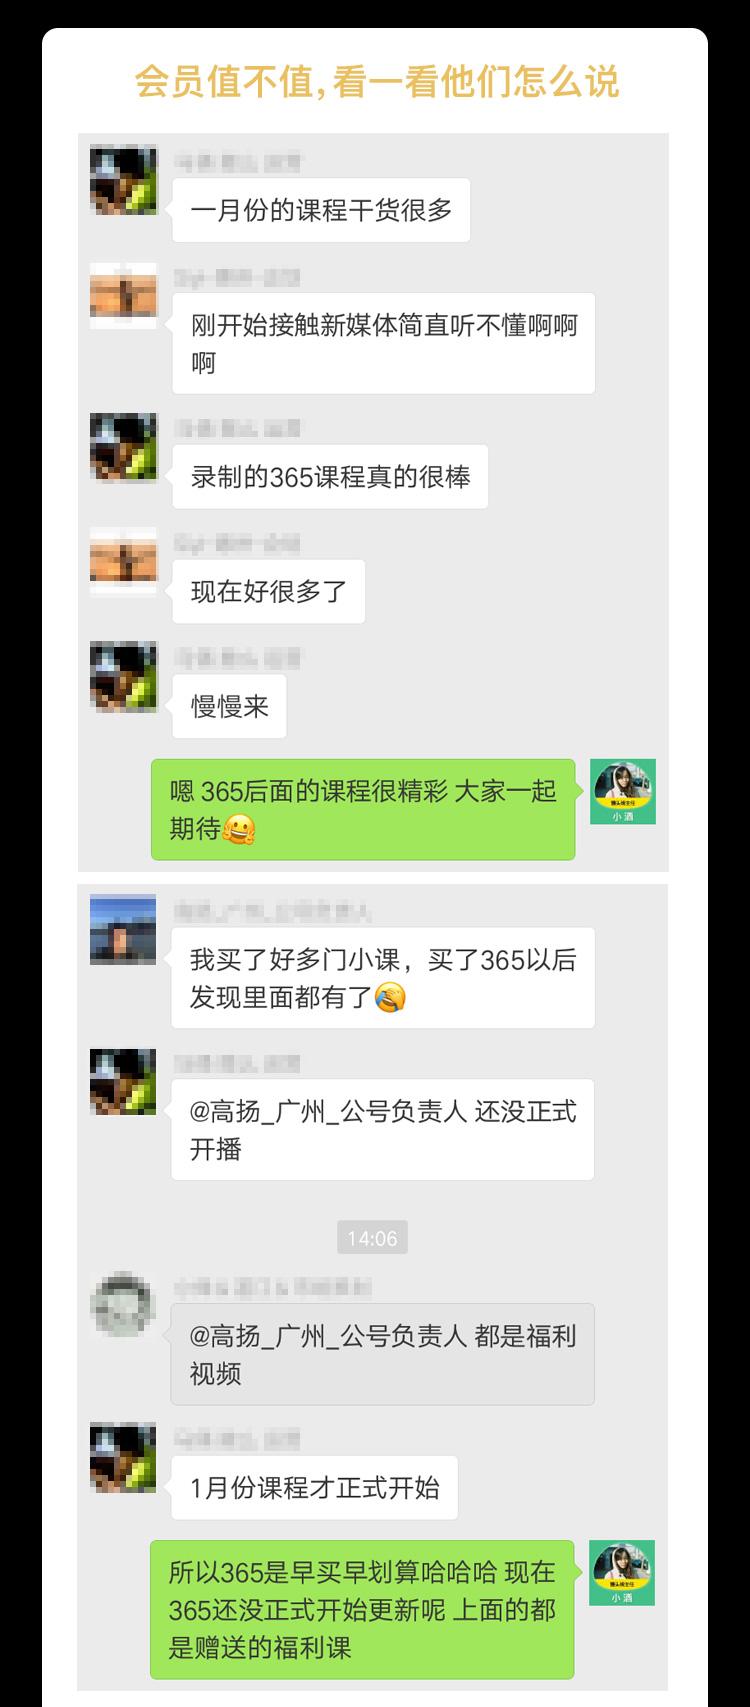 http://mtedu-img.oss-cn-beijing-internal.aliyuncs.com/ueditor/20190911094346_129940.png